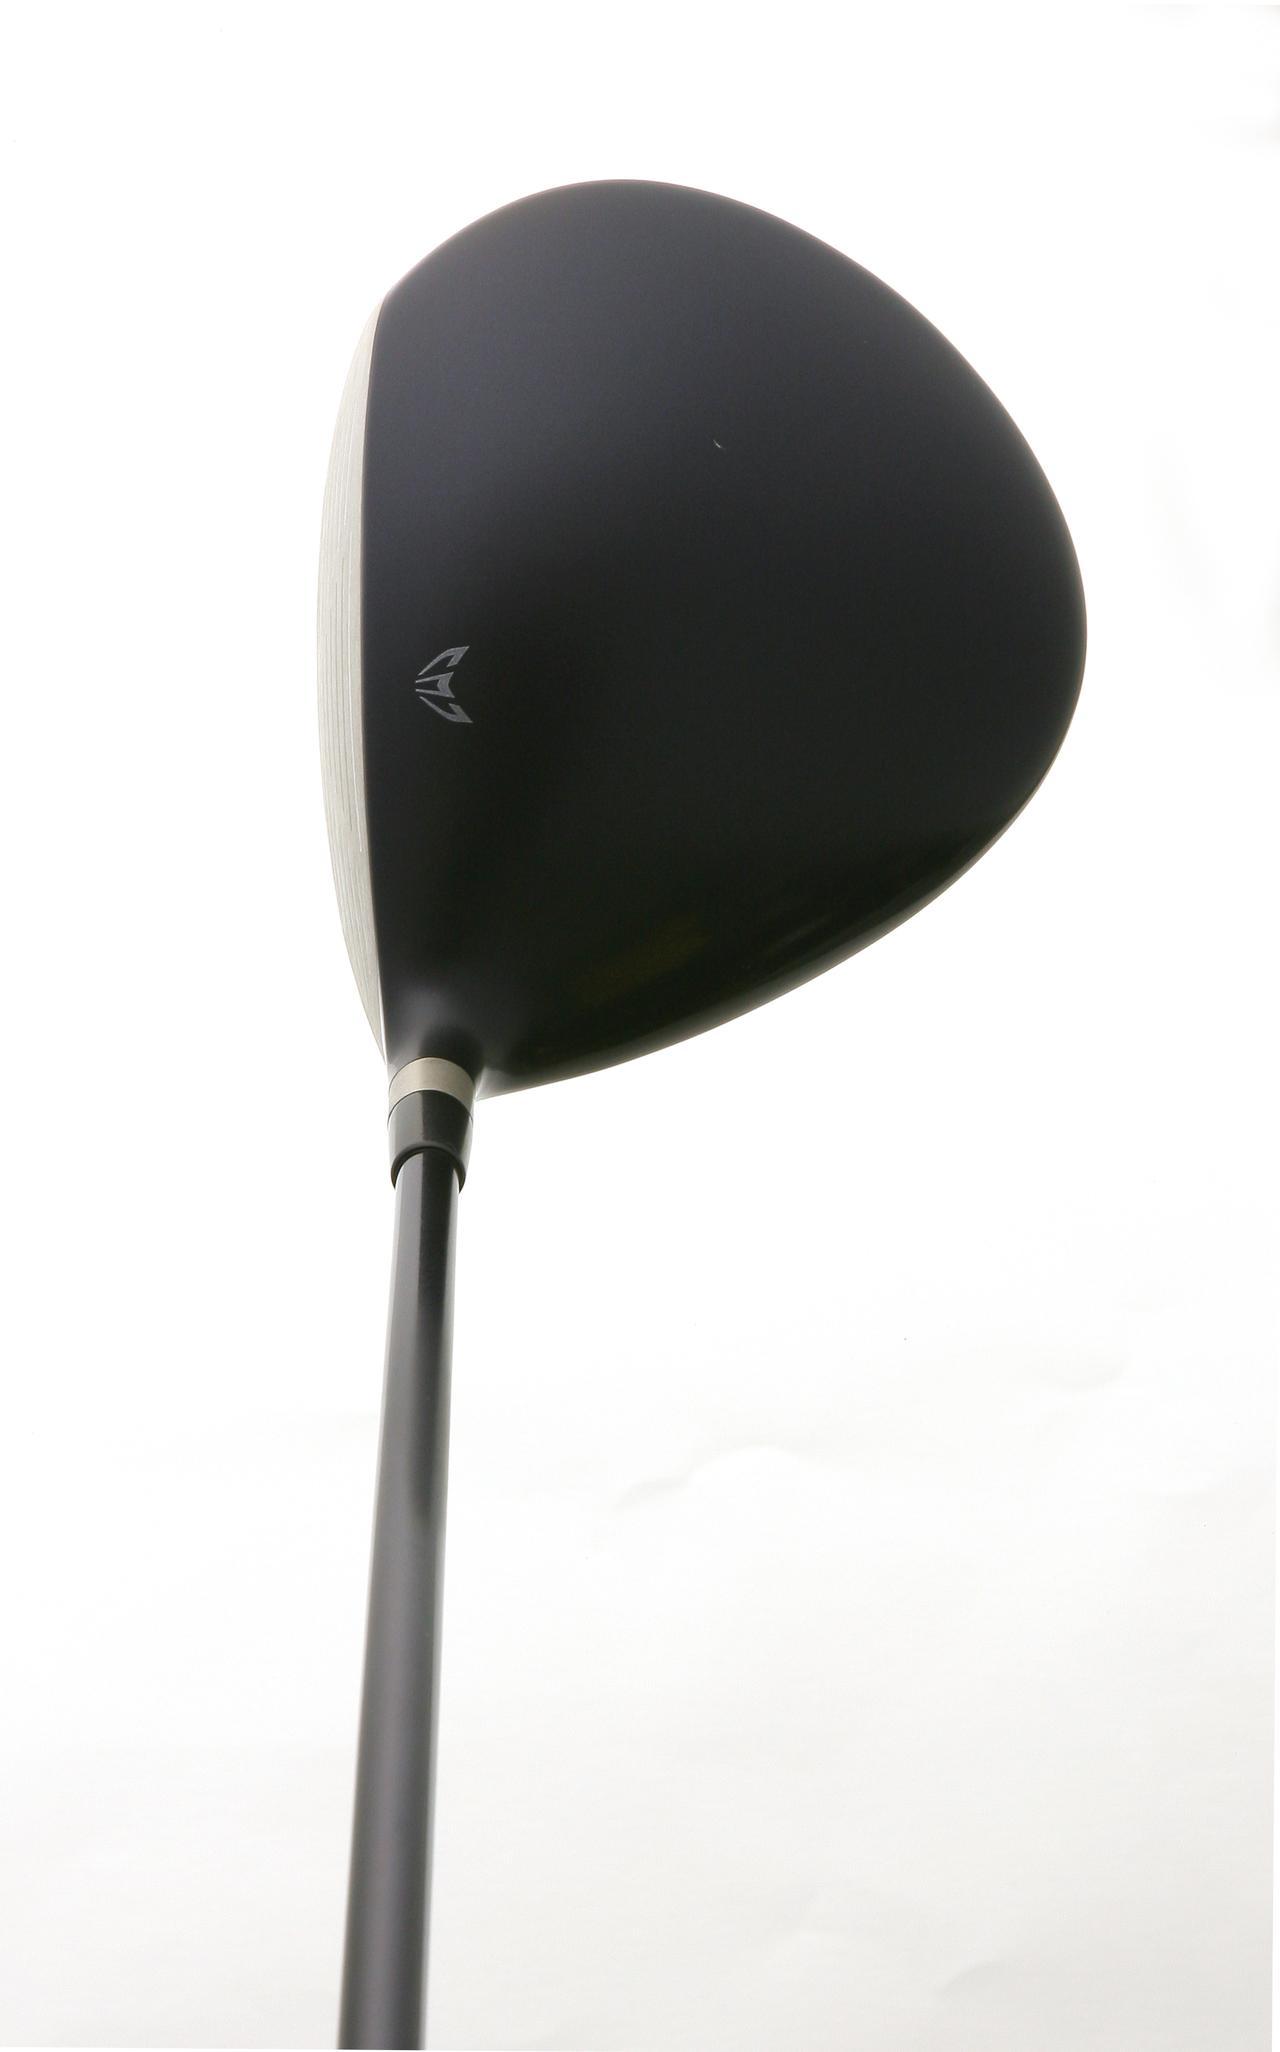 画像: ミズノ・JPX800 ヘッド後方に頂点があるため、芯とボールの位置が一致しやすく、構えやすい